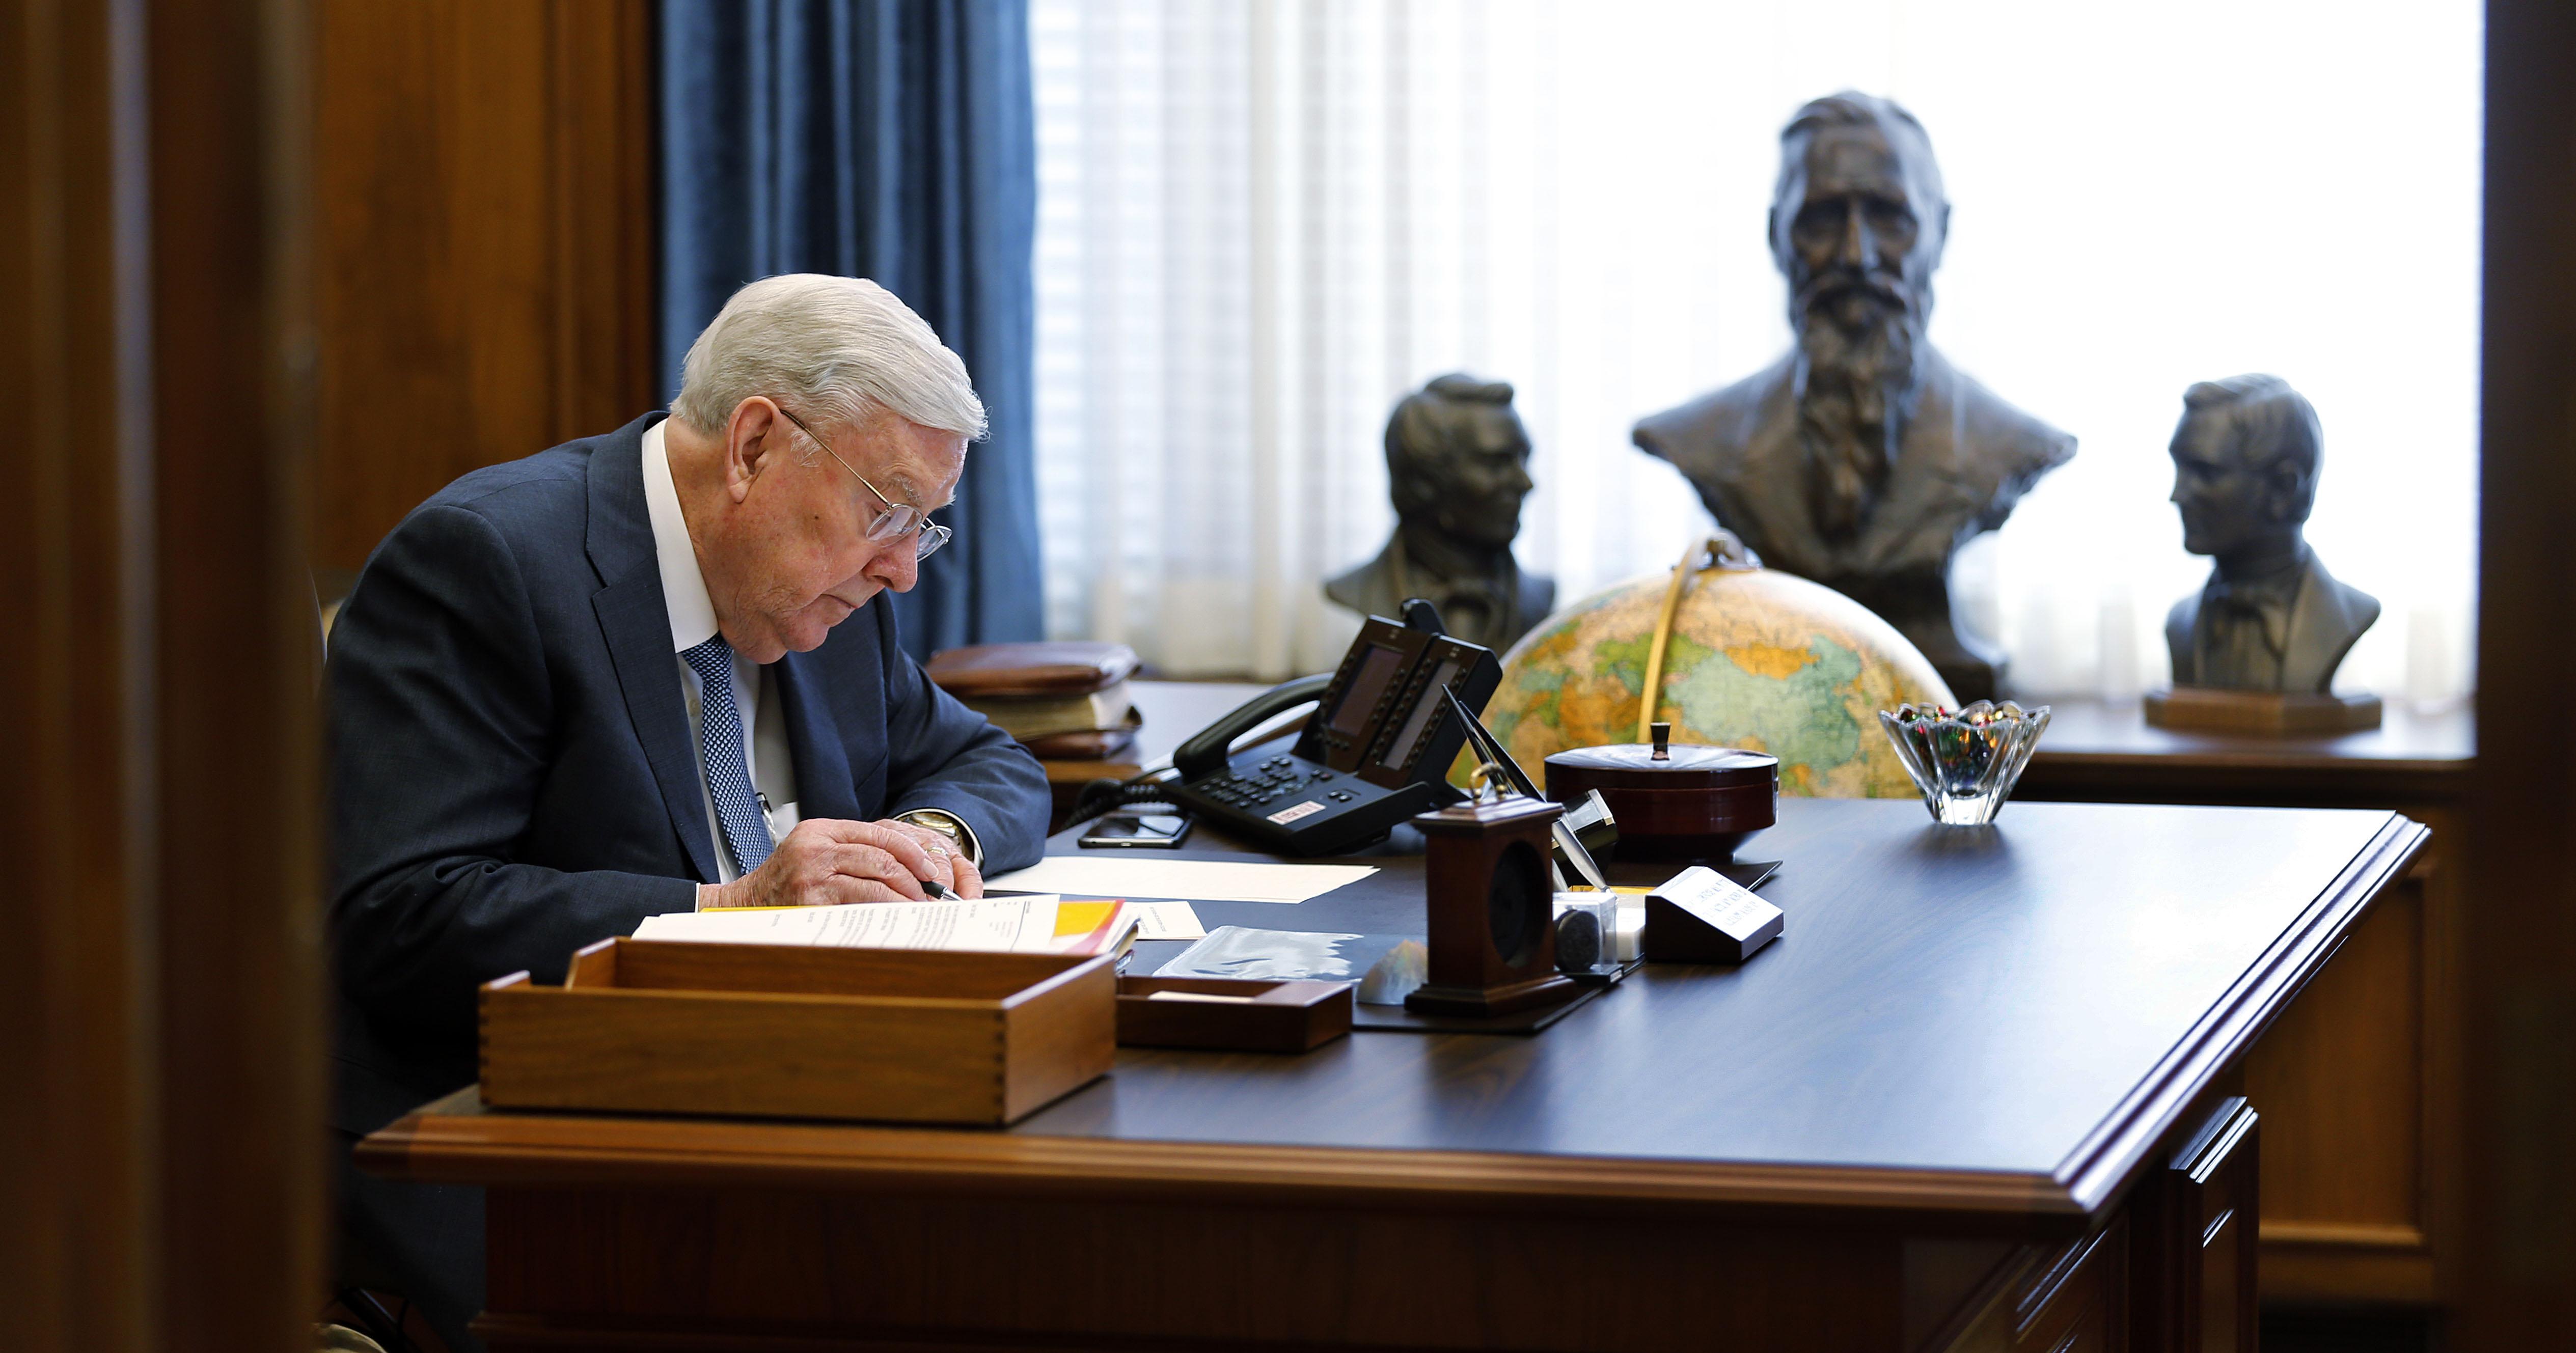 O presidente M. Russell Ballard, presidente interino do Quórum dos Doze Apóstolos de A Igreja de Jesus Cristo dos Santos dos Últimos Dias, trabalha em seu escritório na terça-feira, 13 de março de 2018.